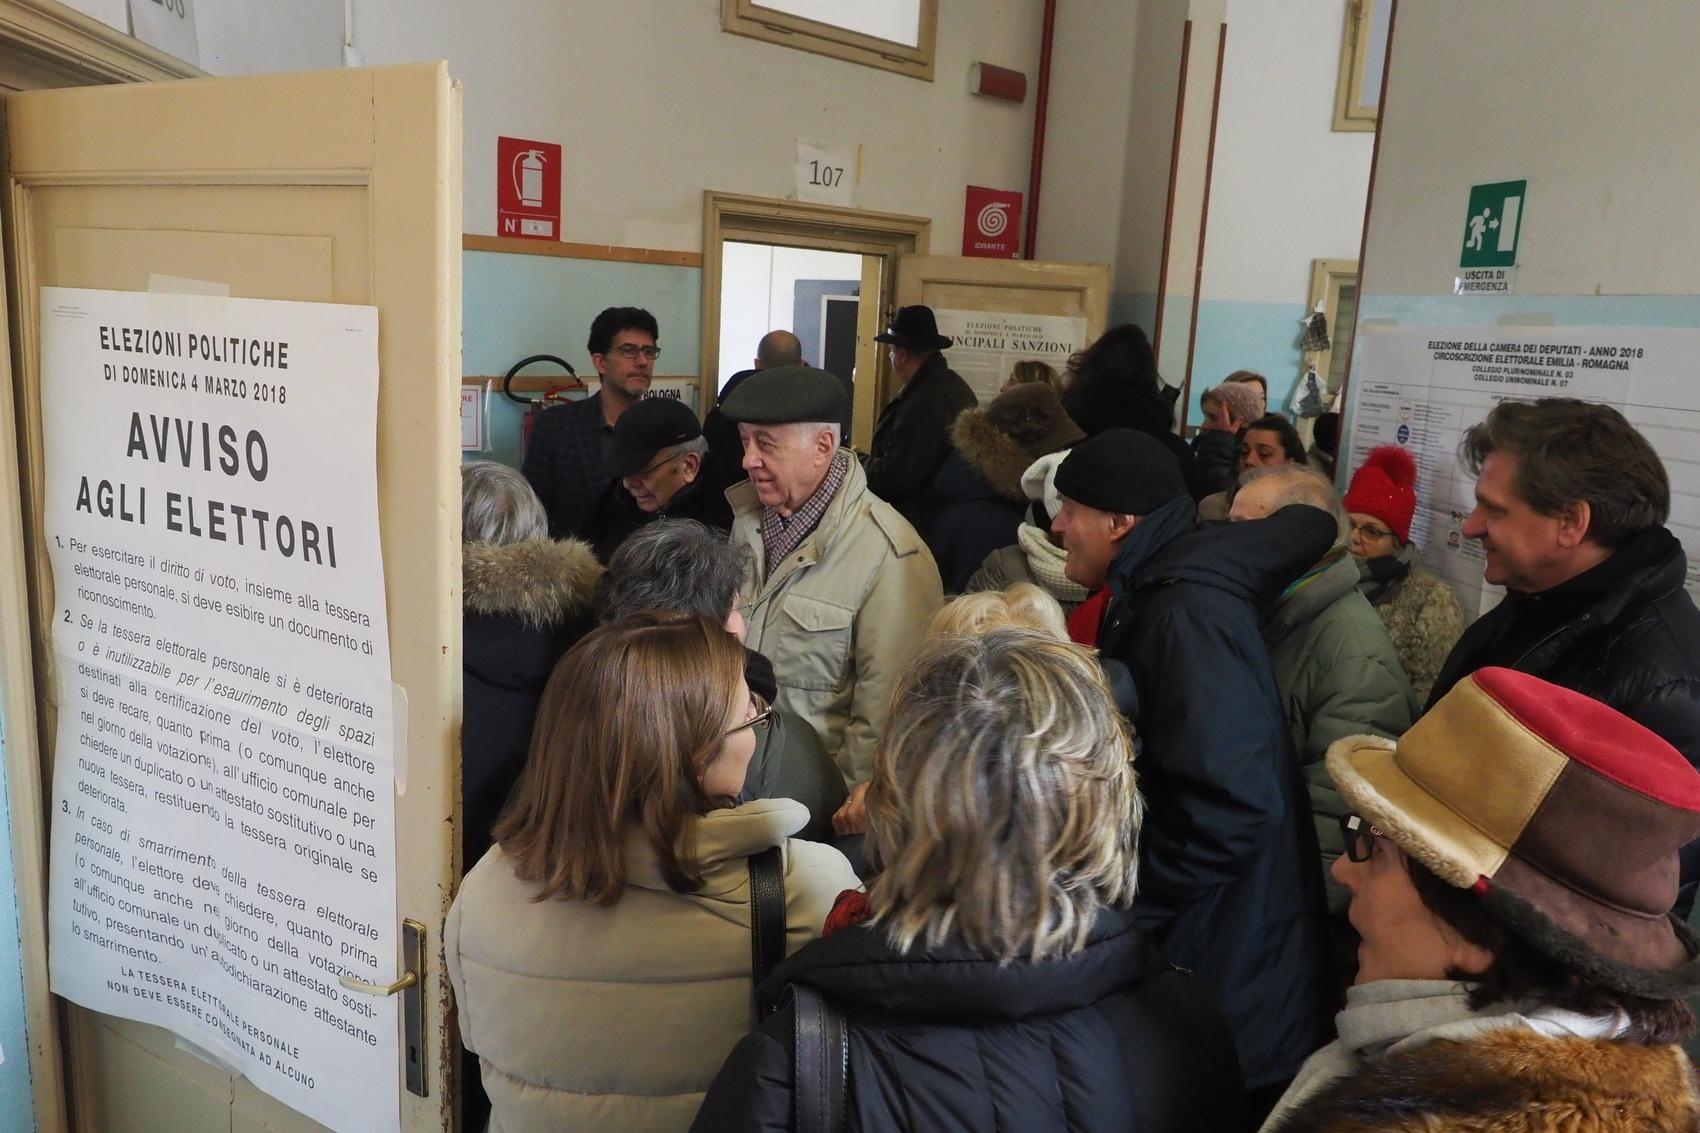 Ufficio Elettorale Bologna : Lutto in cgil a bologna scompare prematuramente davide antonioni